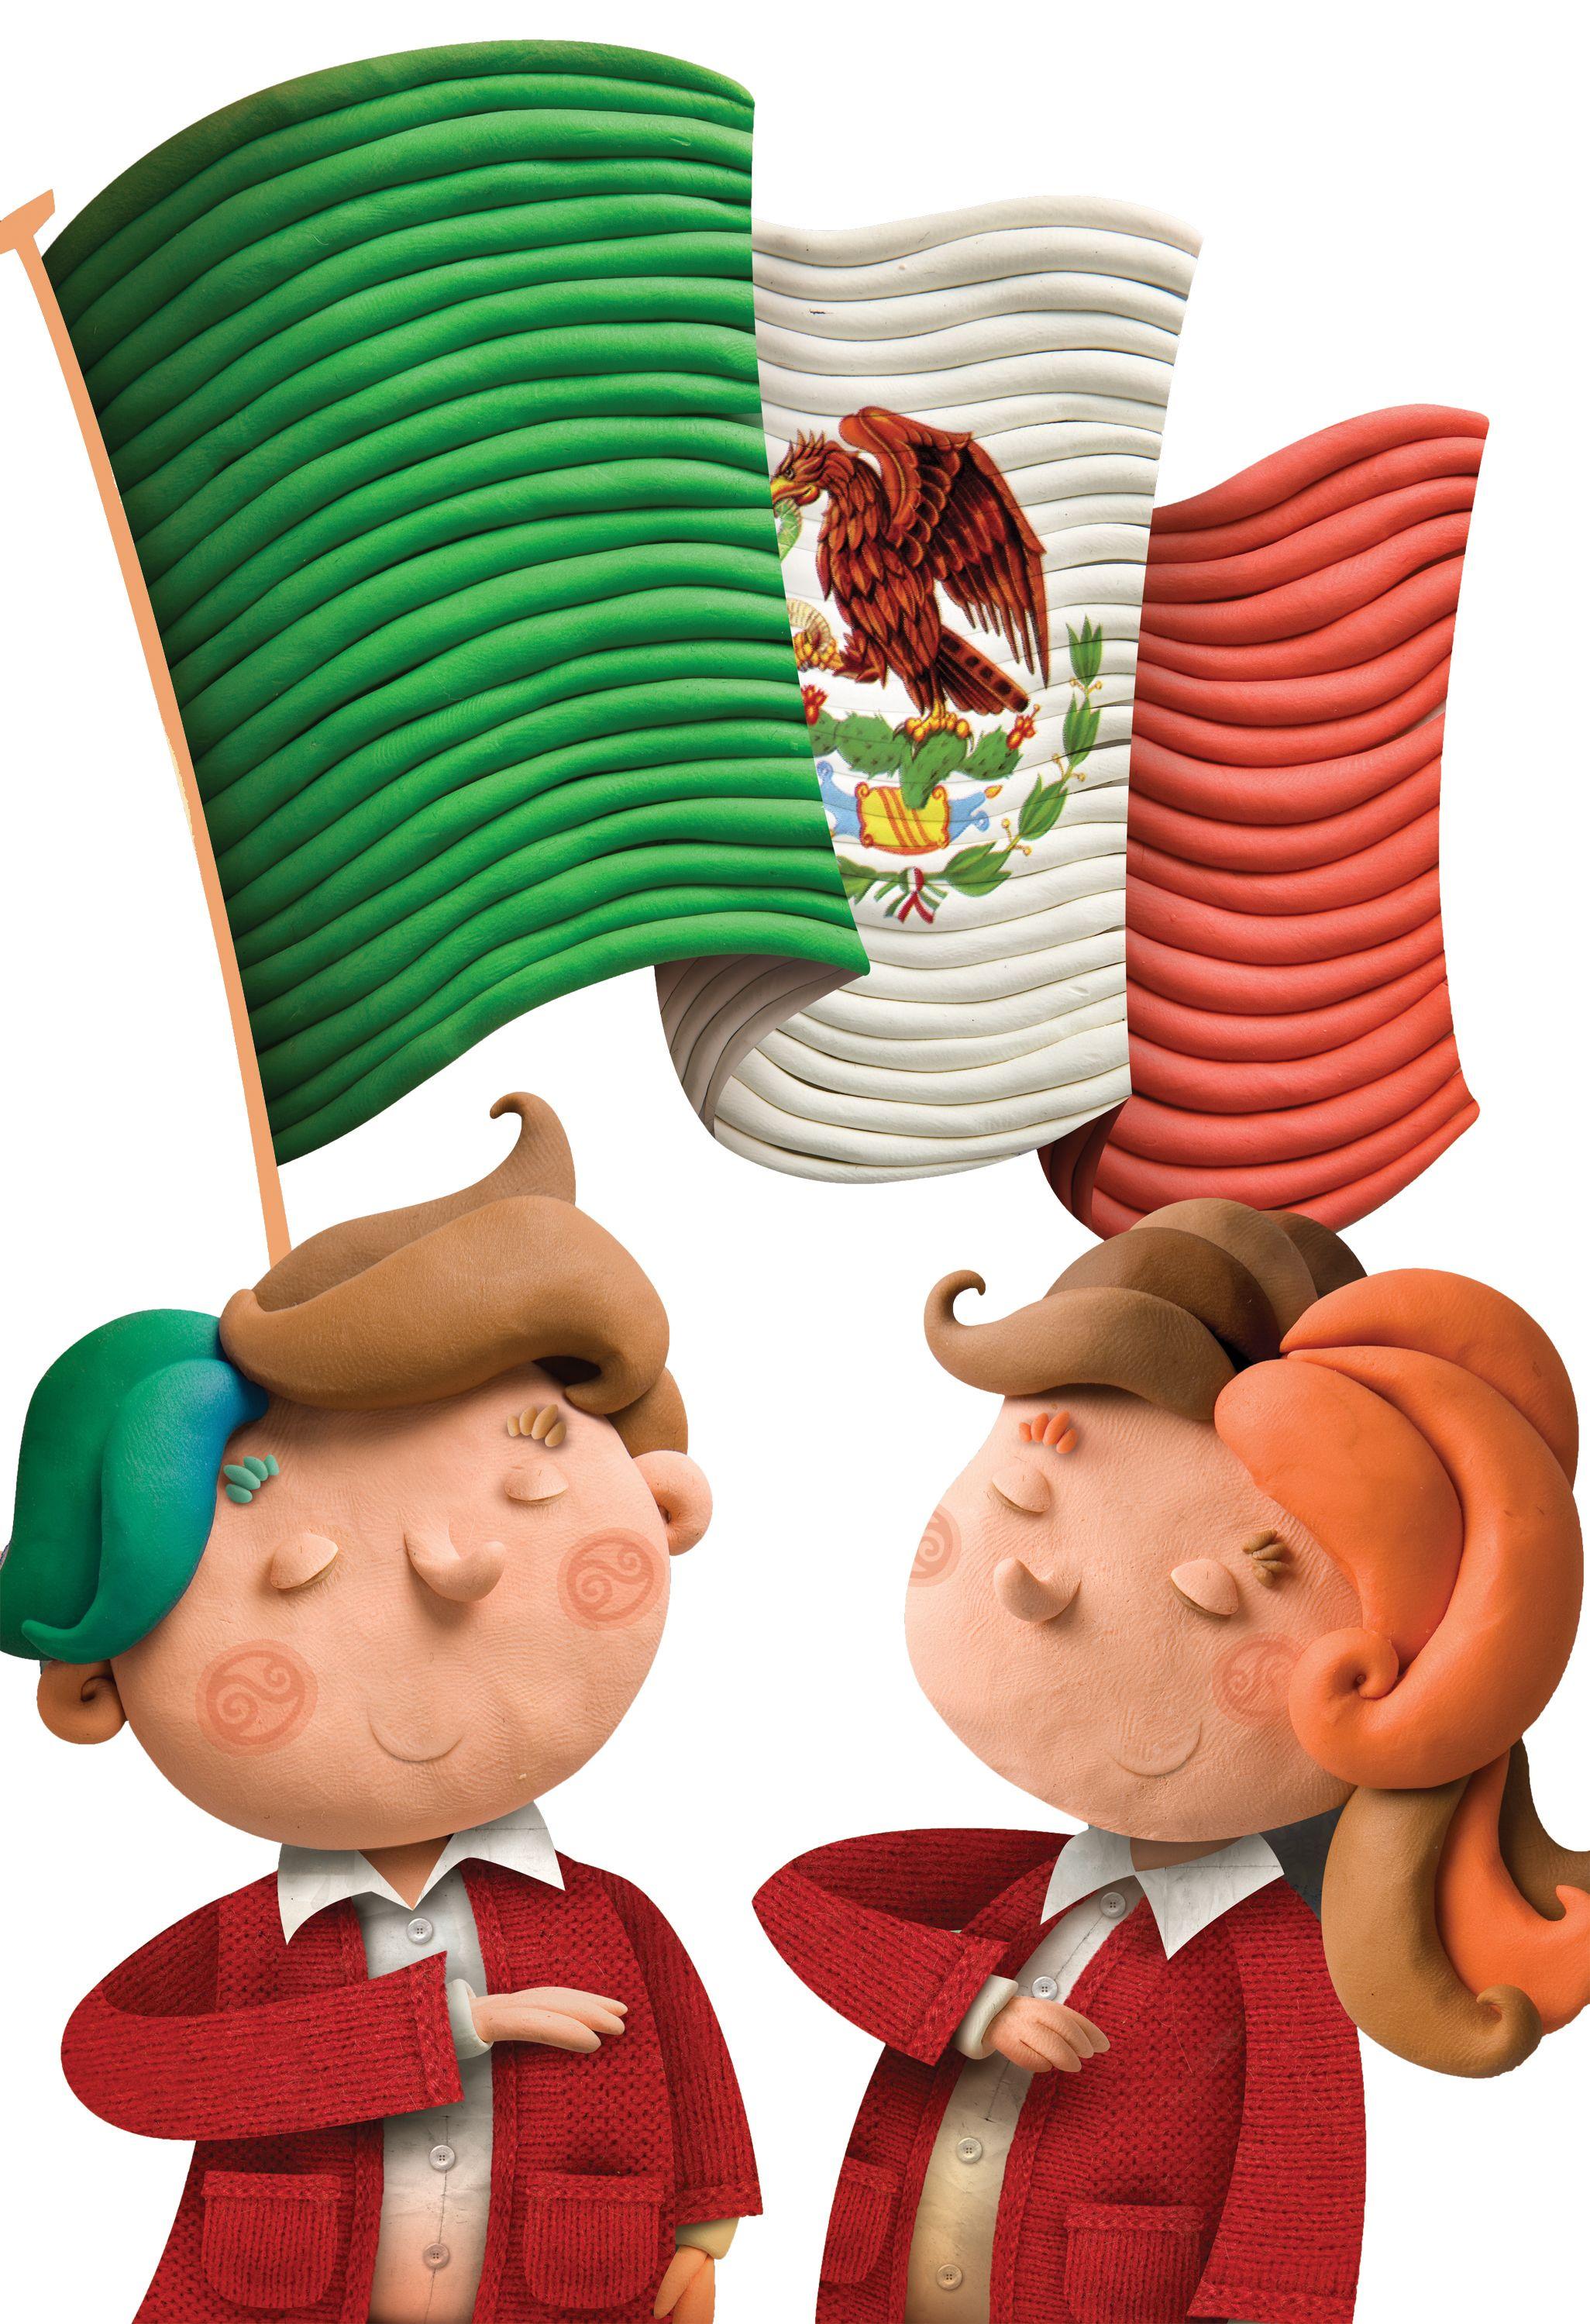 Mexico Dia De La Bandera Club Ediba Dia De La Bandera Bandera De Mexico Dibujo Bandera Dibujo